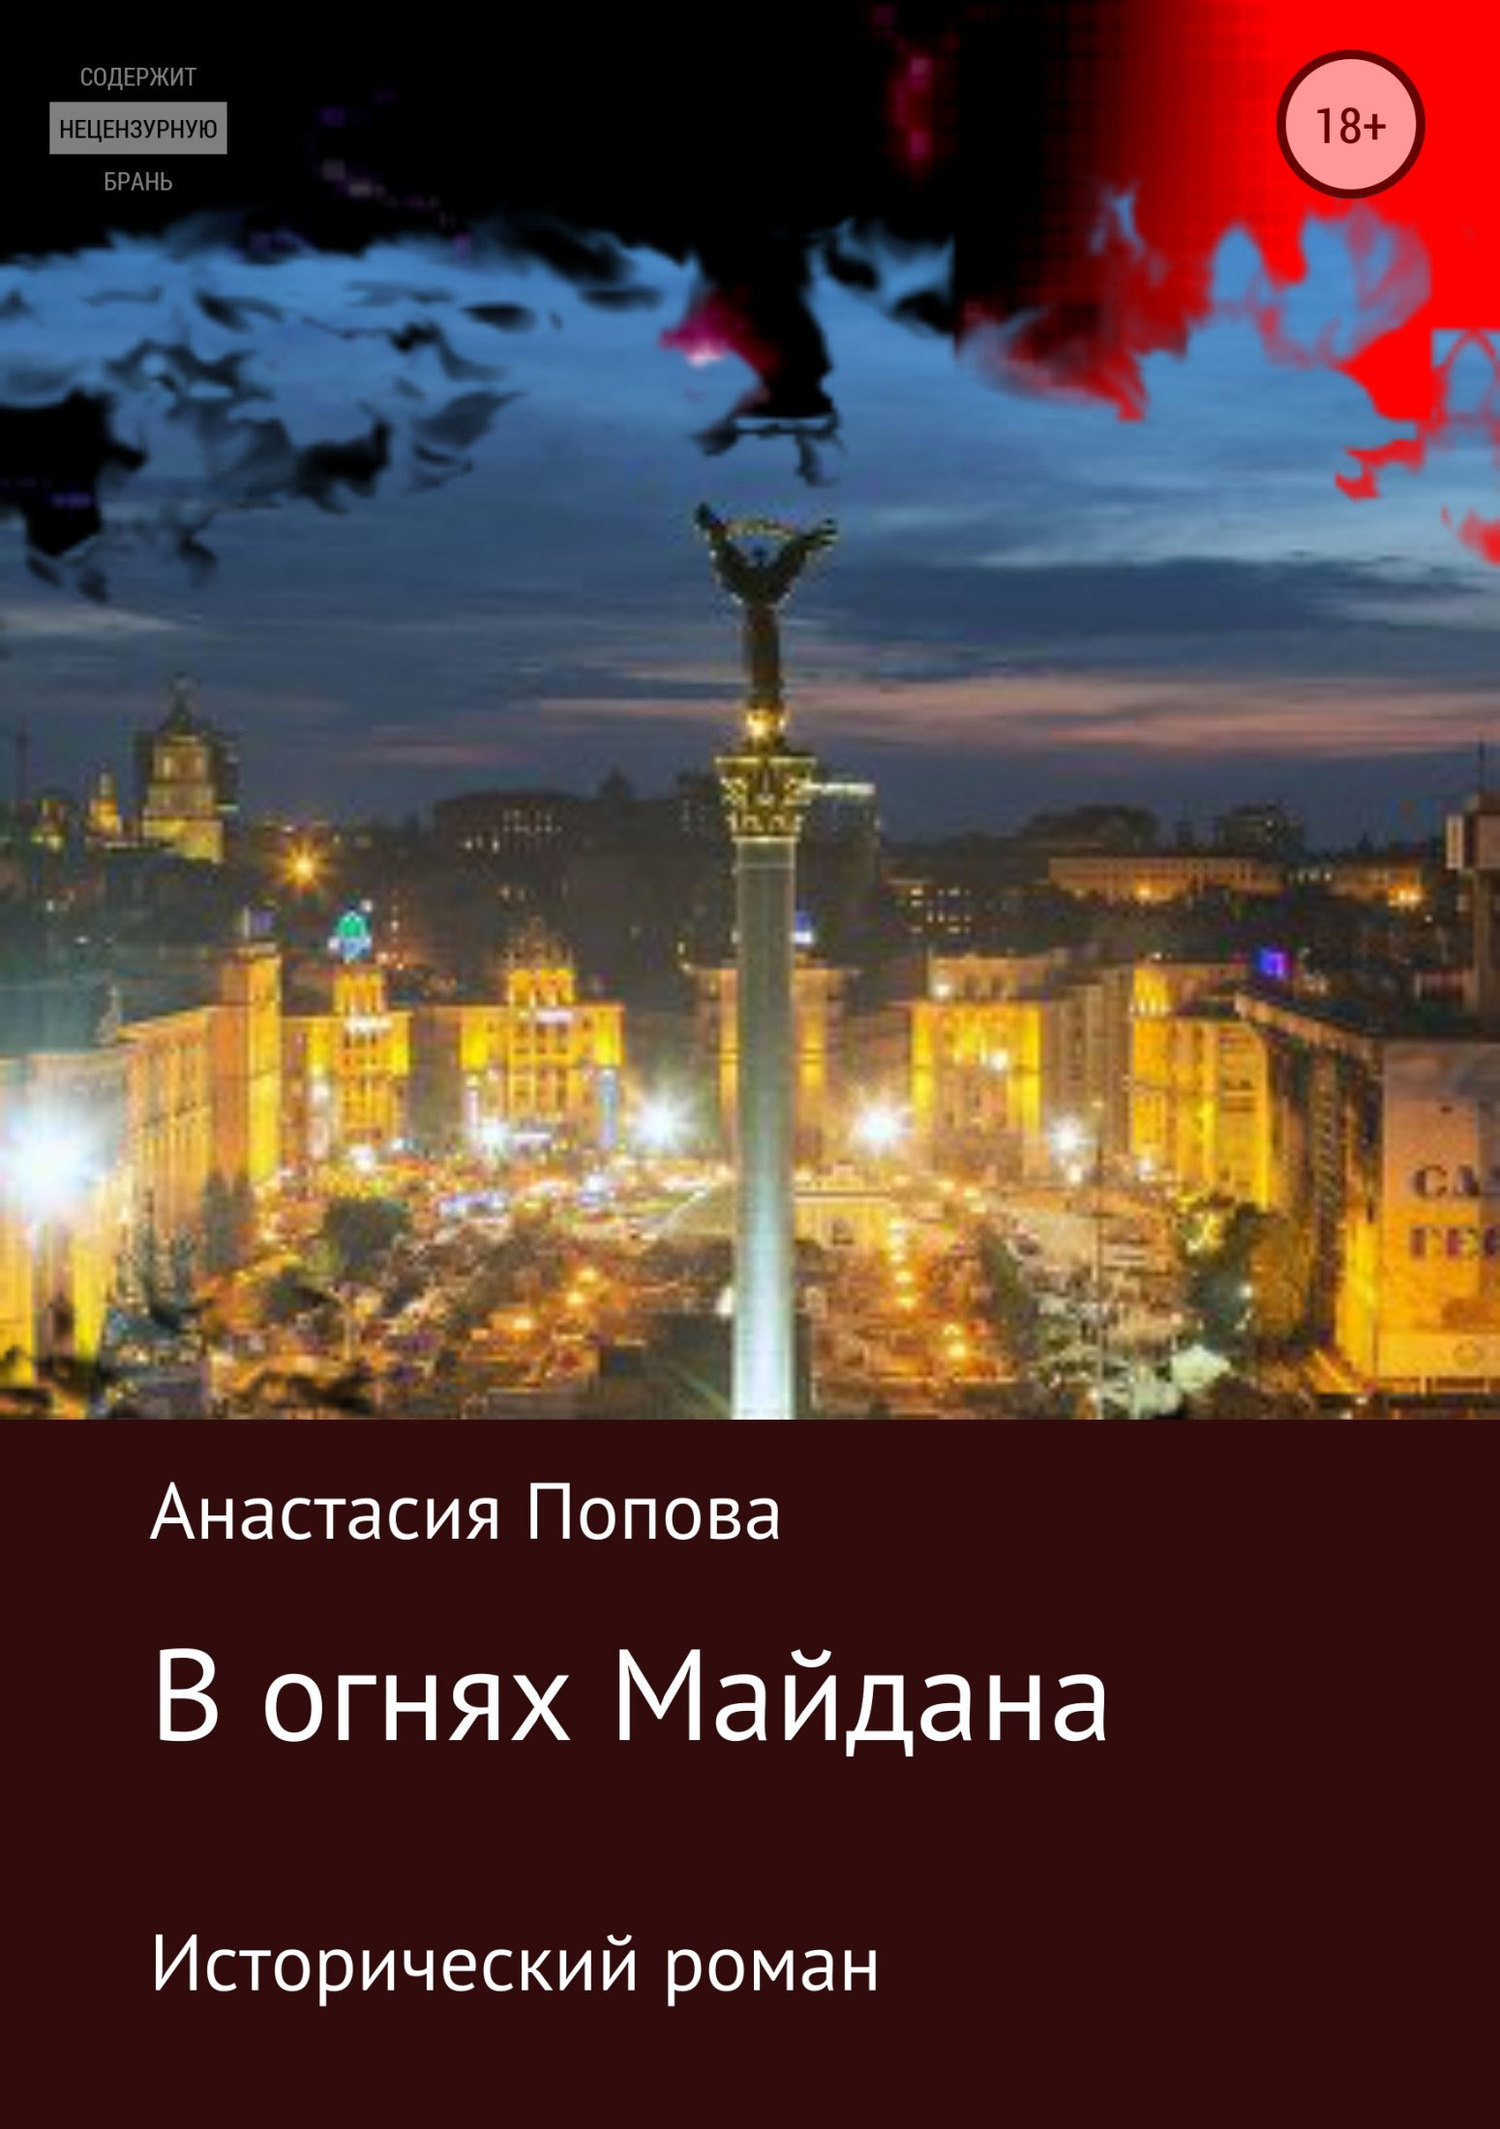 Анастасия Попова - В огнях Майдана